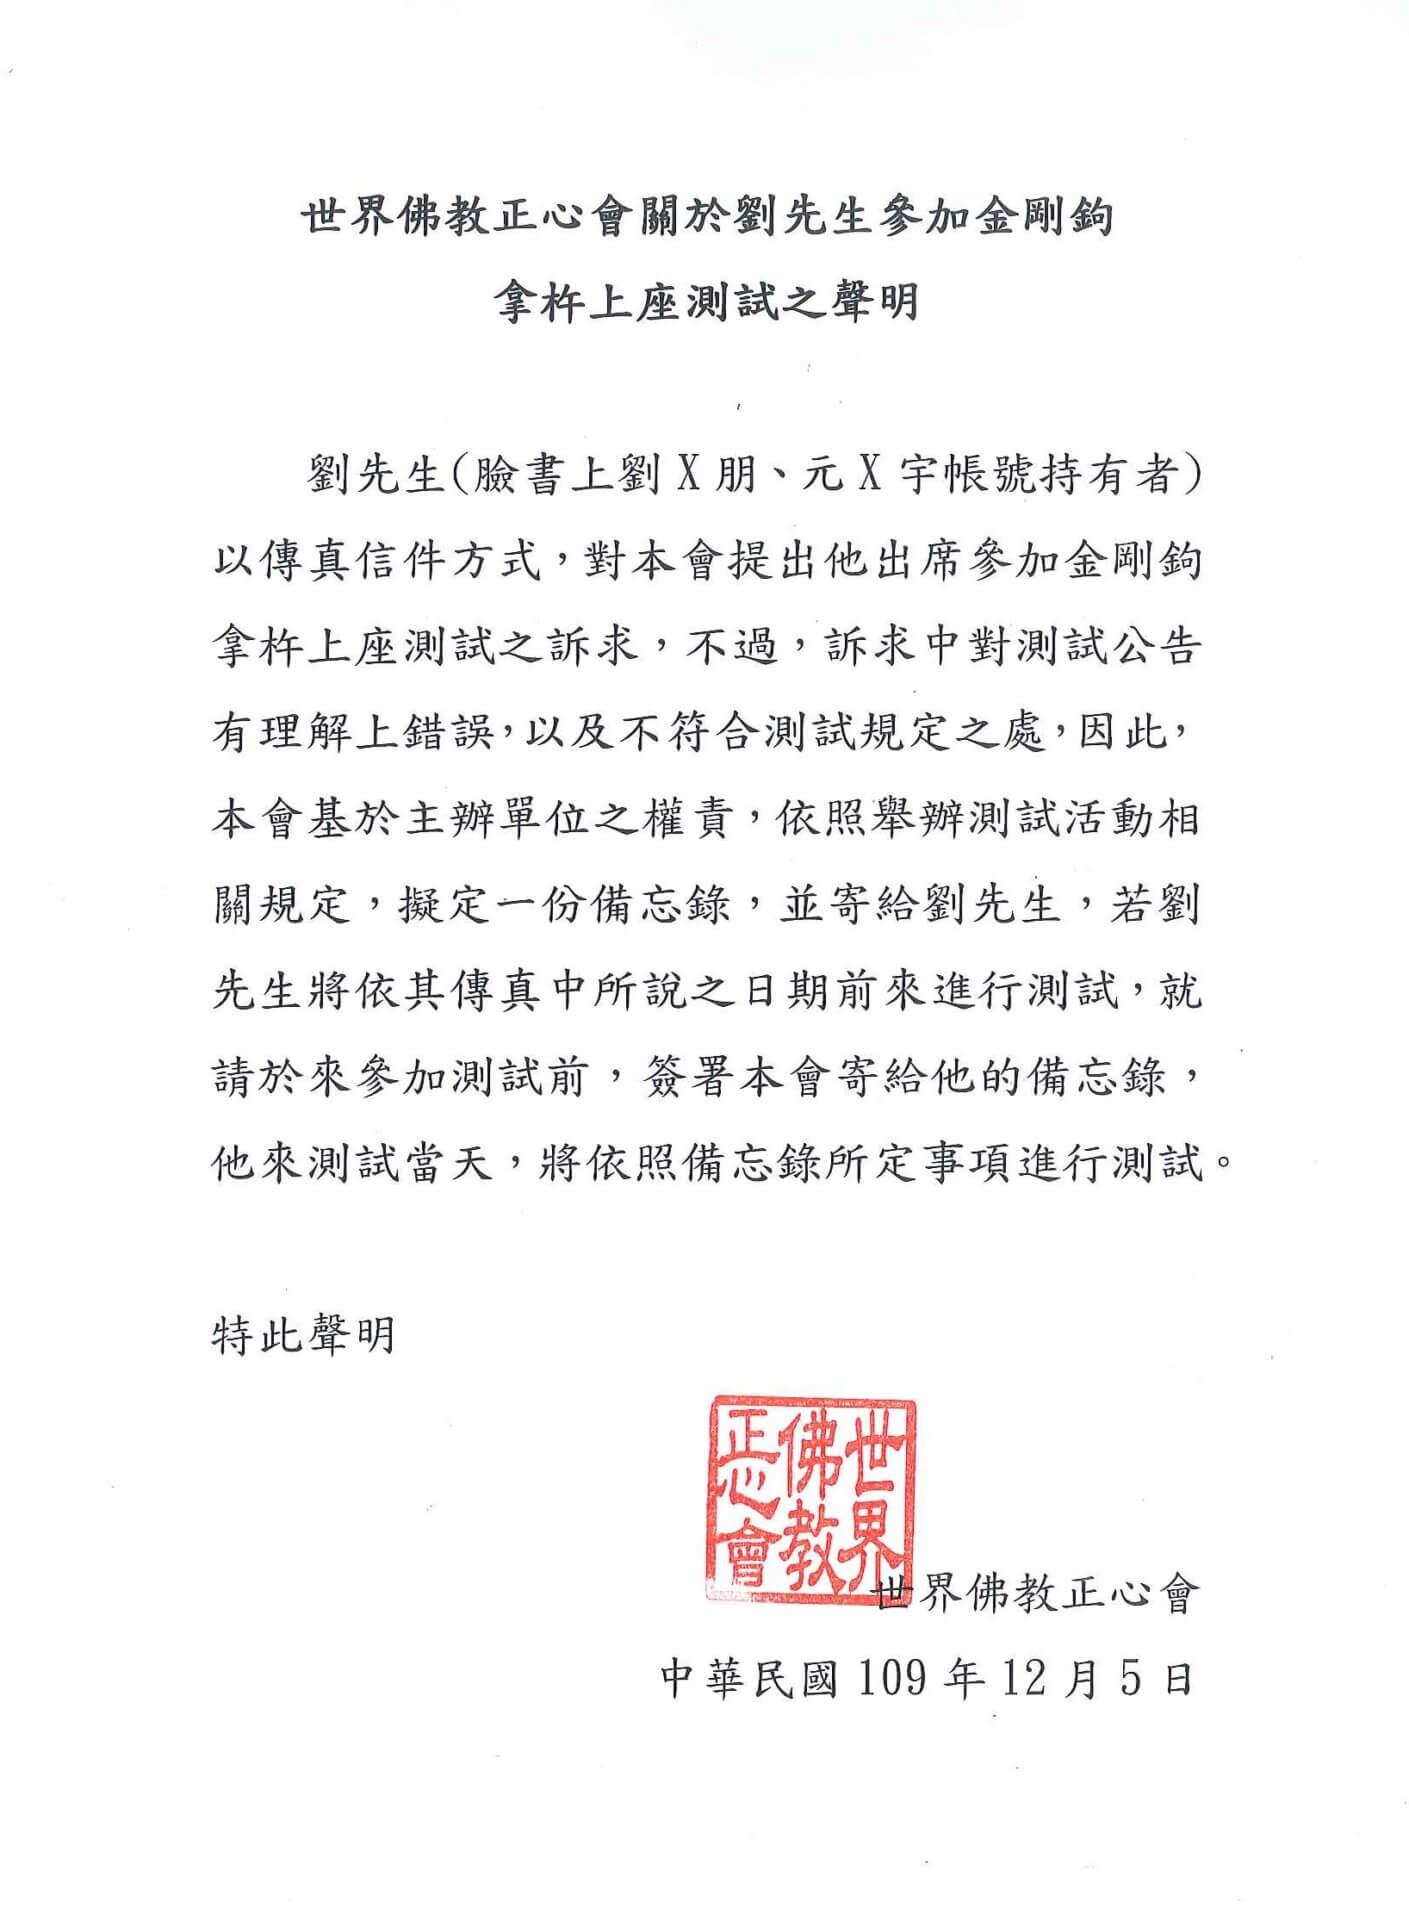 世界佛教正心會關於劉先生參加金剛鉤聲明